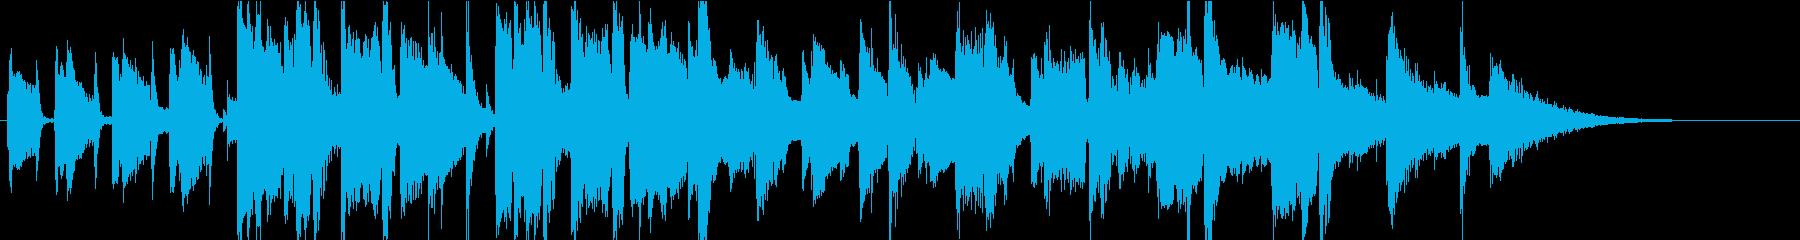 CMやジングルにあうジャズ曲の再生済みの波形